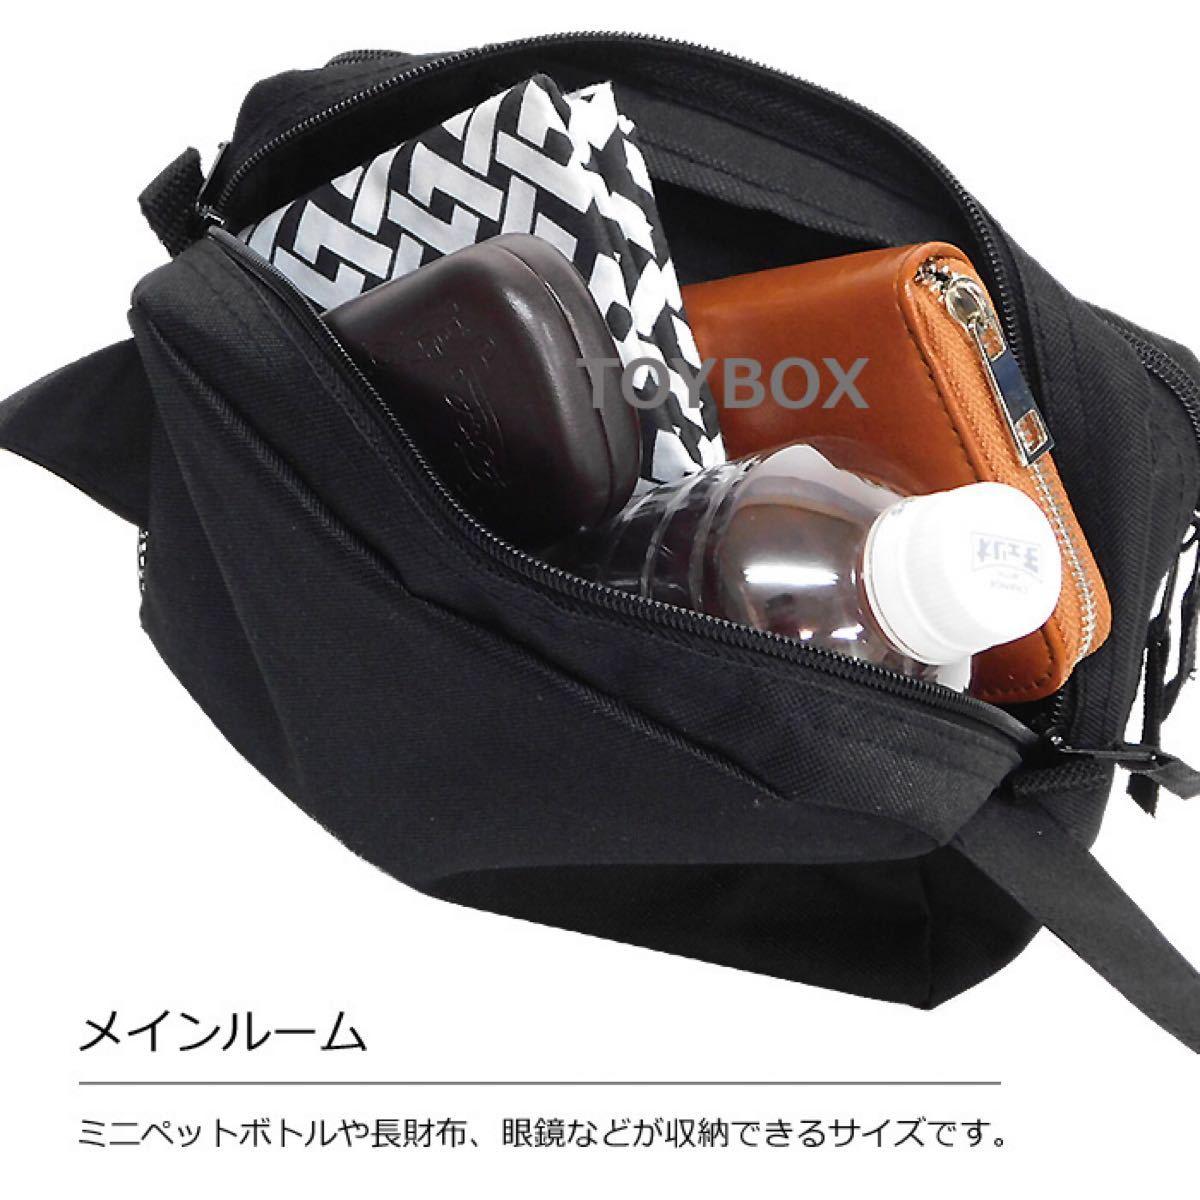 2WAY ウエストバッグ メンズ レディース ボディバッグ 新品 黒 ブラック 斜め掛け ショルダーバッグ ウエポ ウエストポーチ